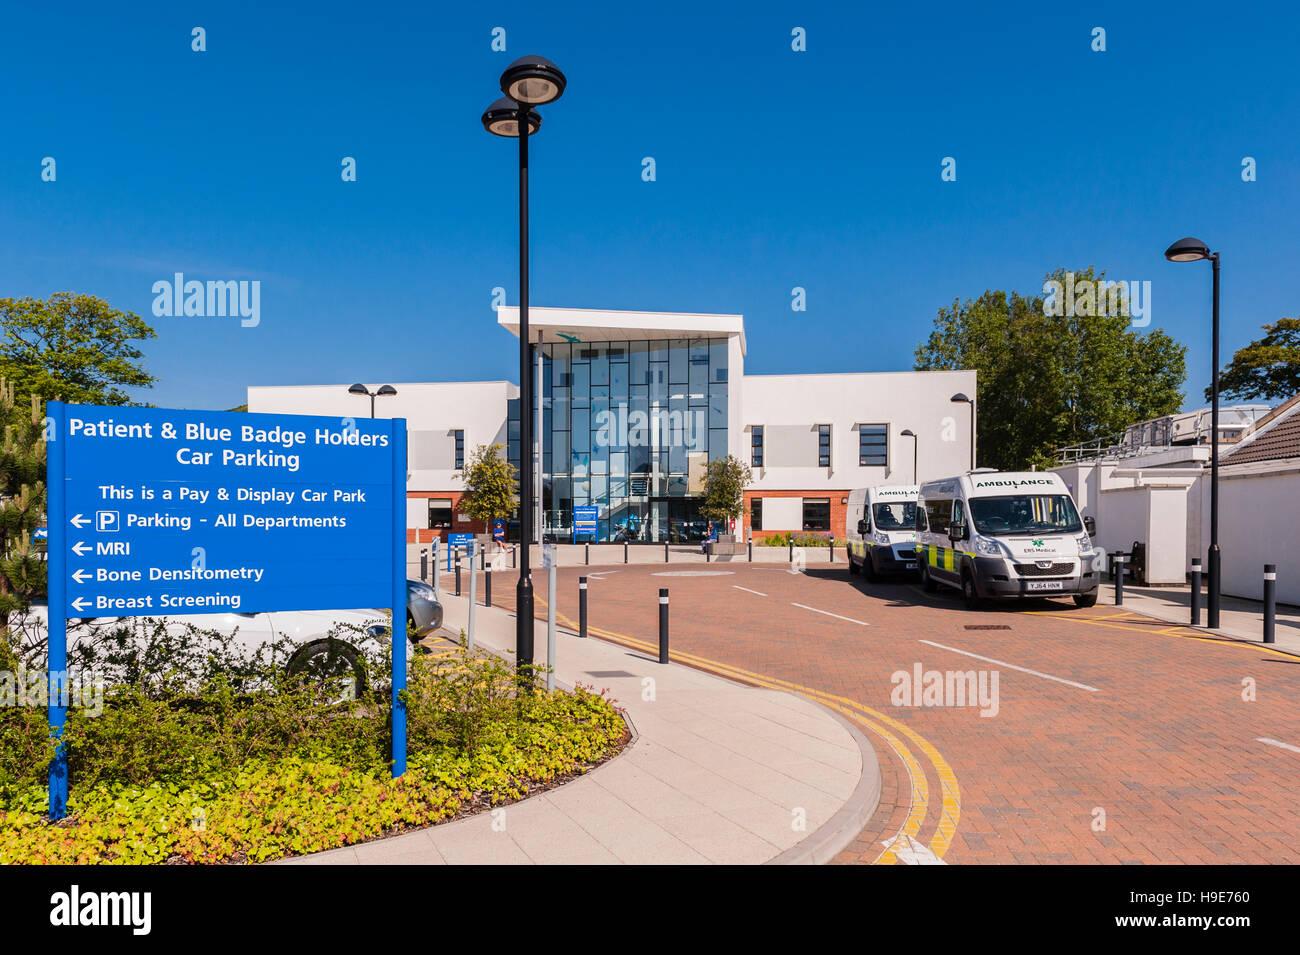 English Nhs Hospitals Stock Photos & English Nhs Hospitals ...